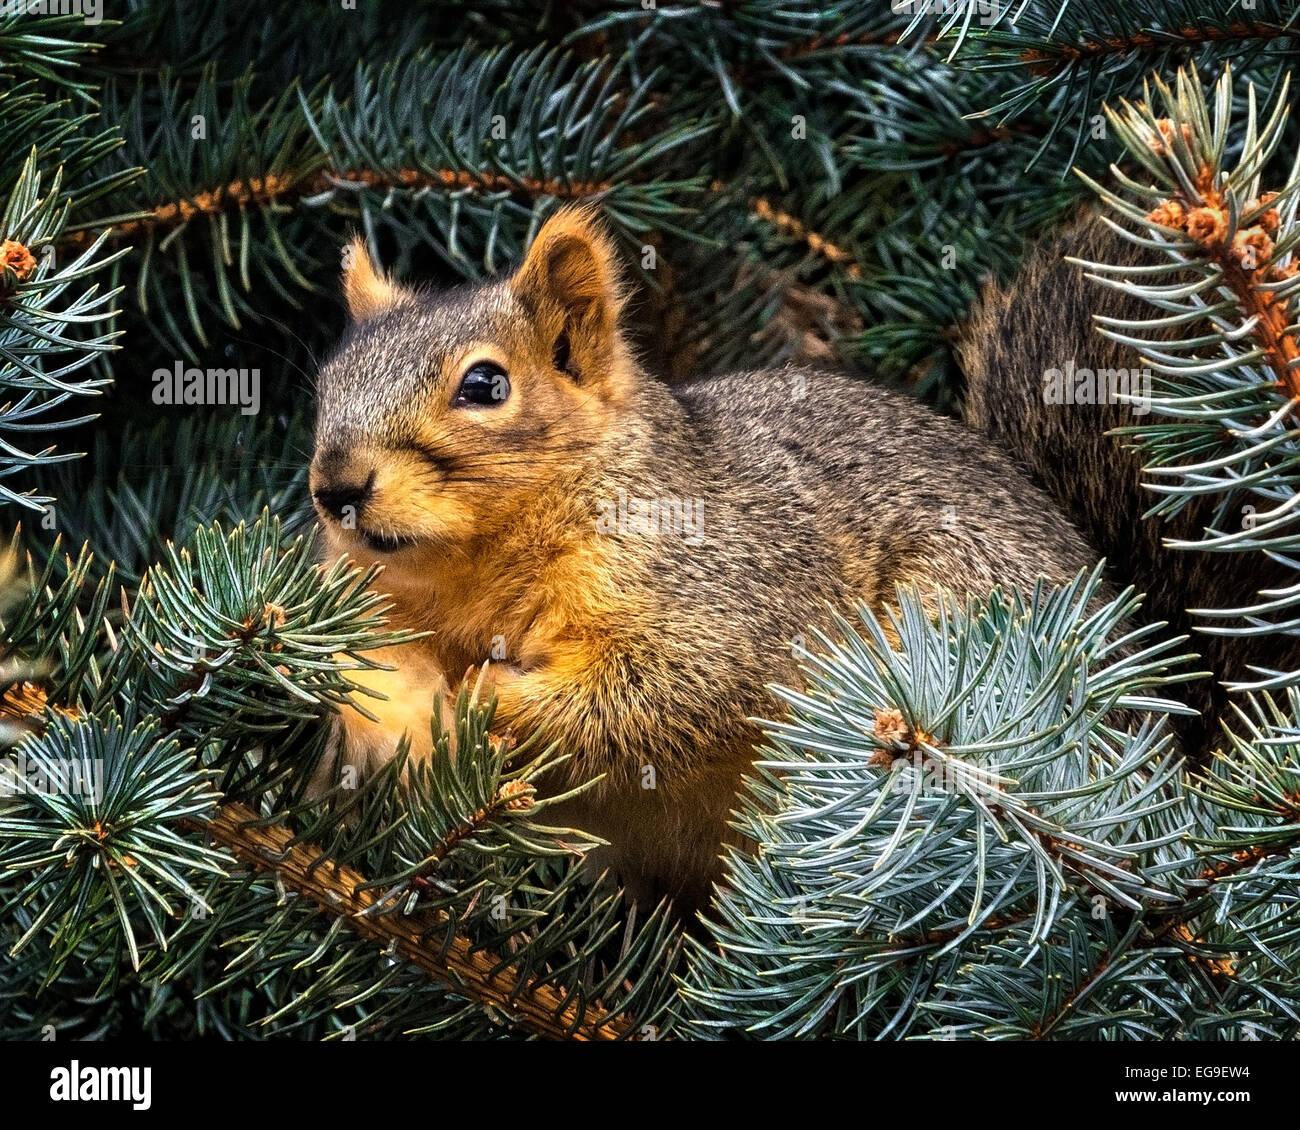 Nahaufnahme des Eichhörnchens in Tannenzweigen Stockbild